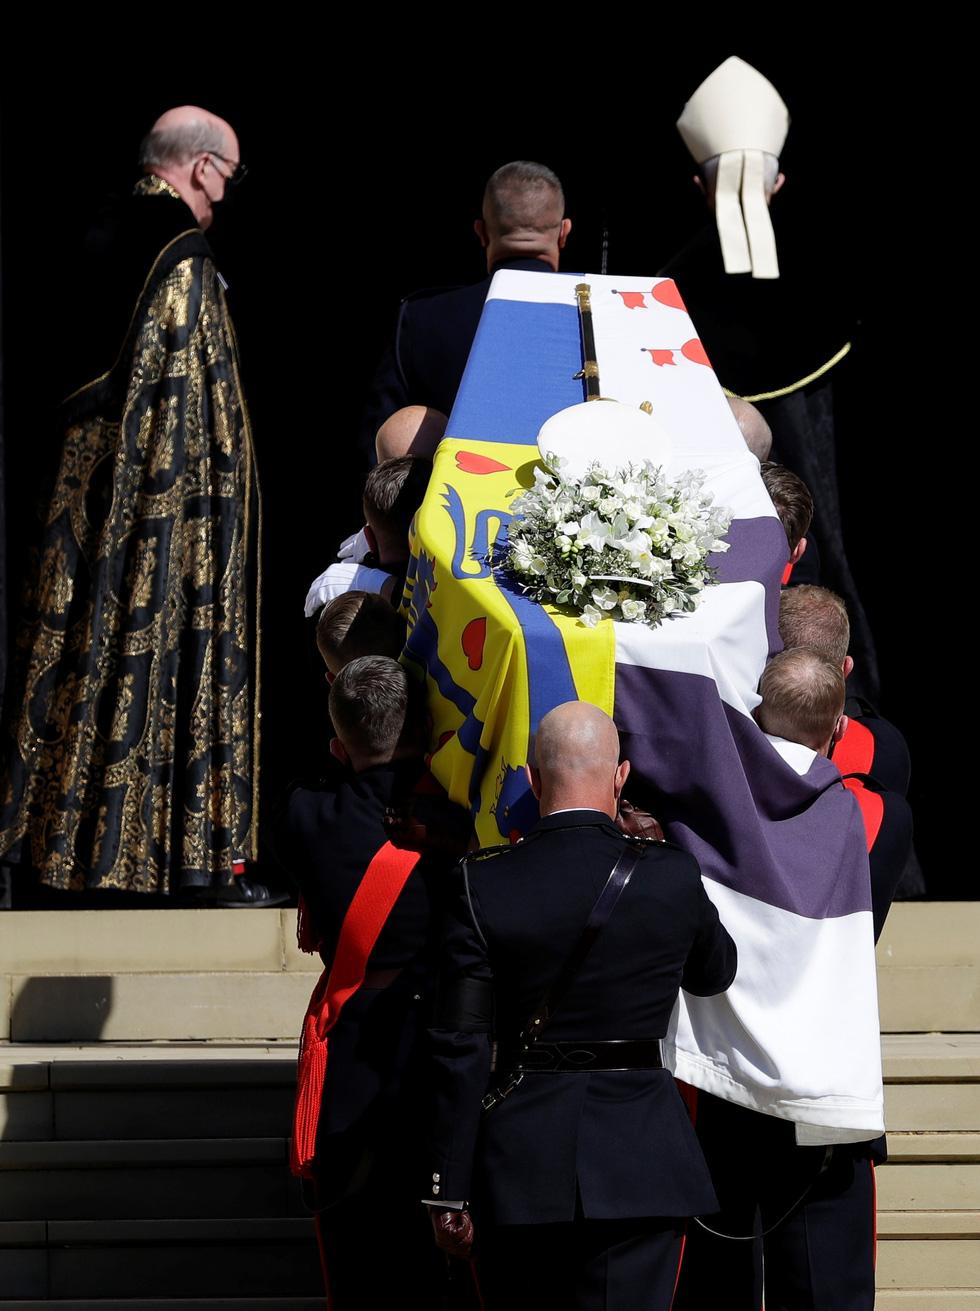 Nữ hoàng Anh lặng lẽ một mình, tiễn chồng về nơi an nghỉ cuối cùng - Ảnh 9.